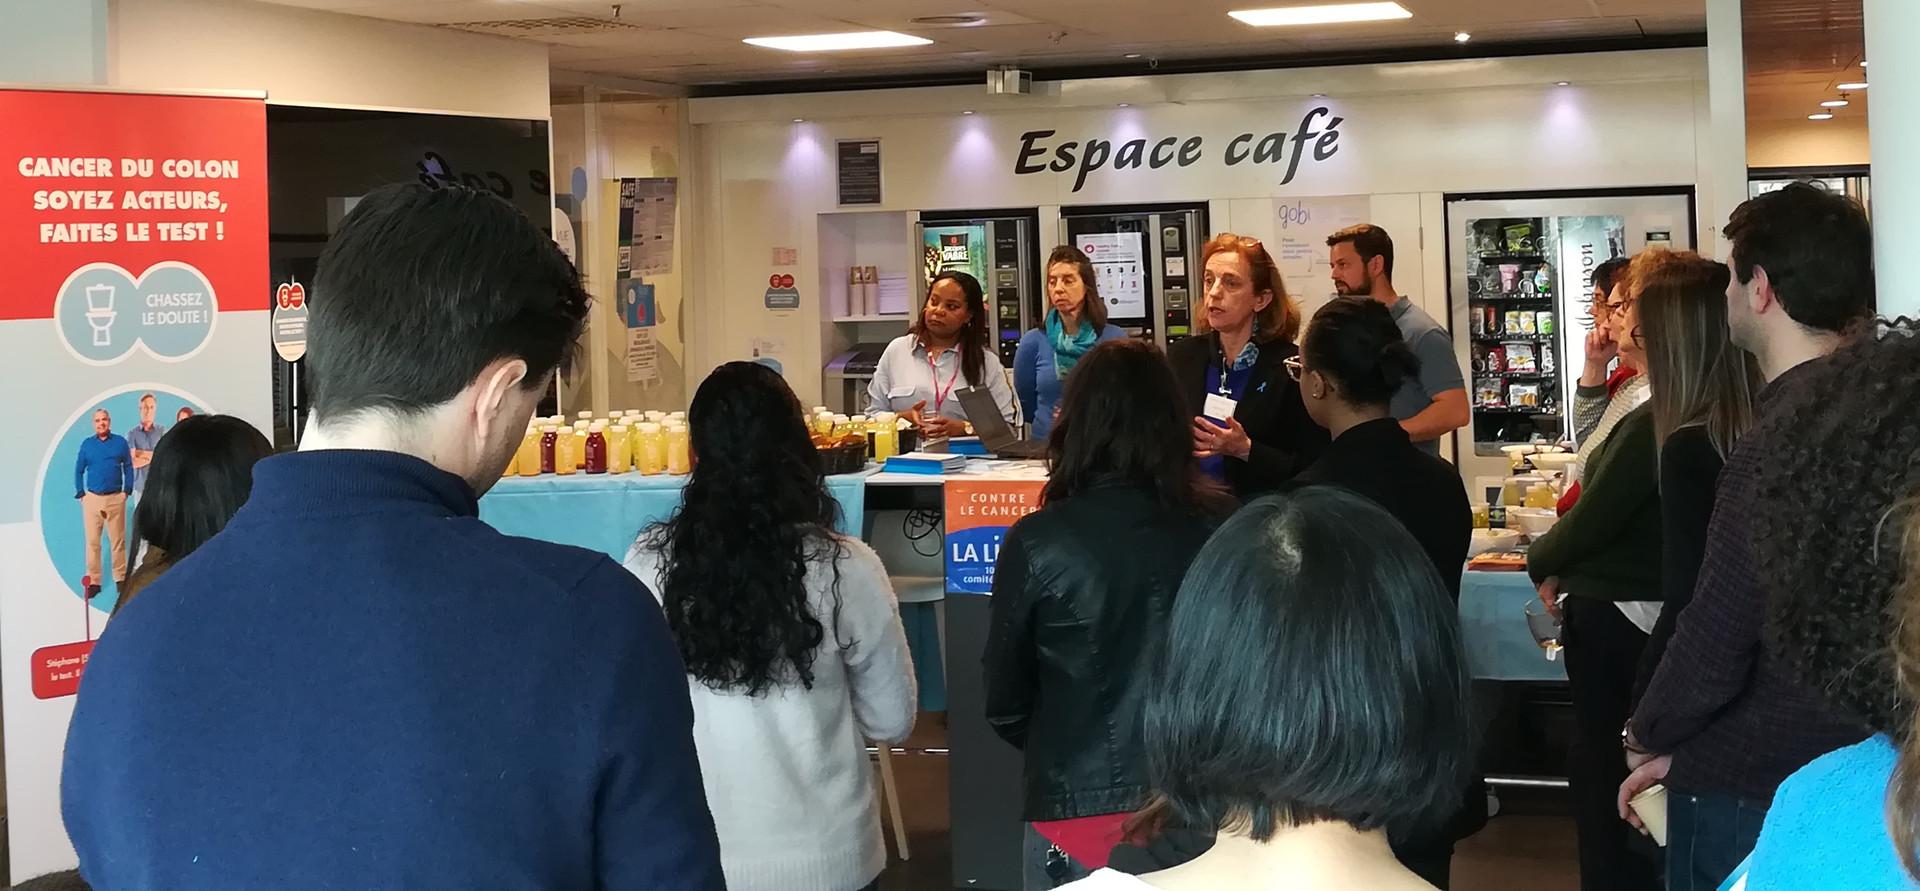 Intervention au sein de l'entreprise Johnson & Johnson à Issy les Moulineaux à l'occasion d'un petit déjeuner santé sur le thème du cancer colorectal pendant Mars Bleu